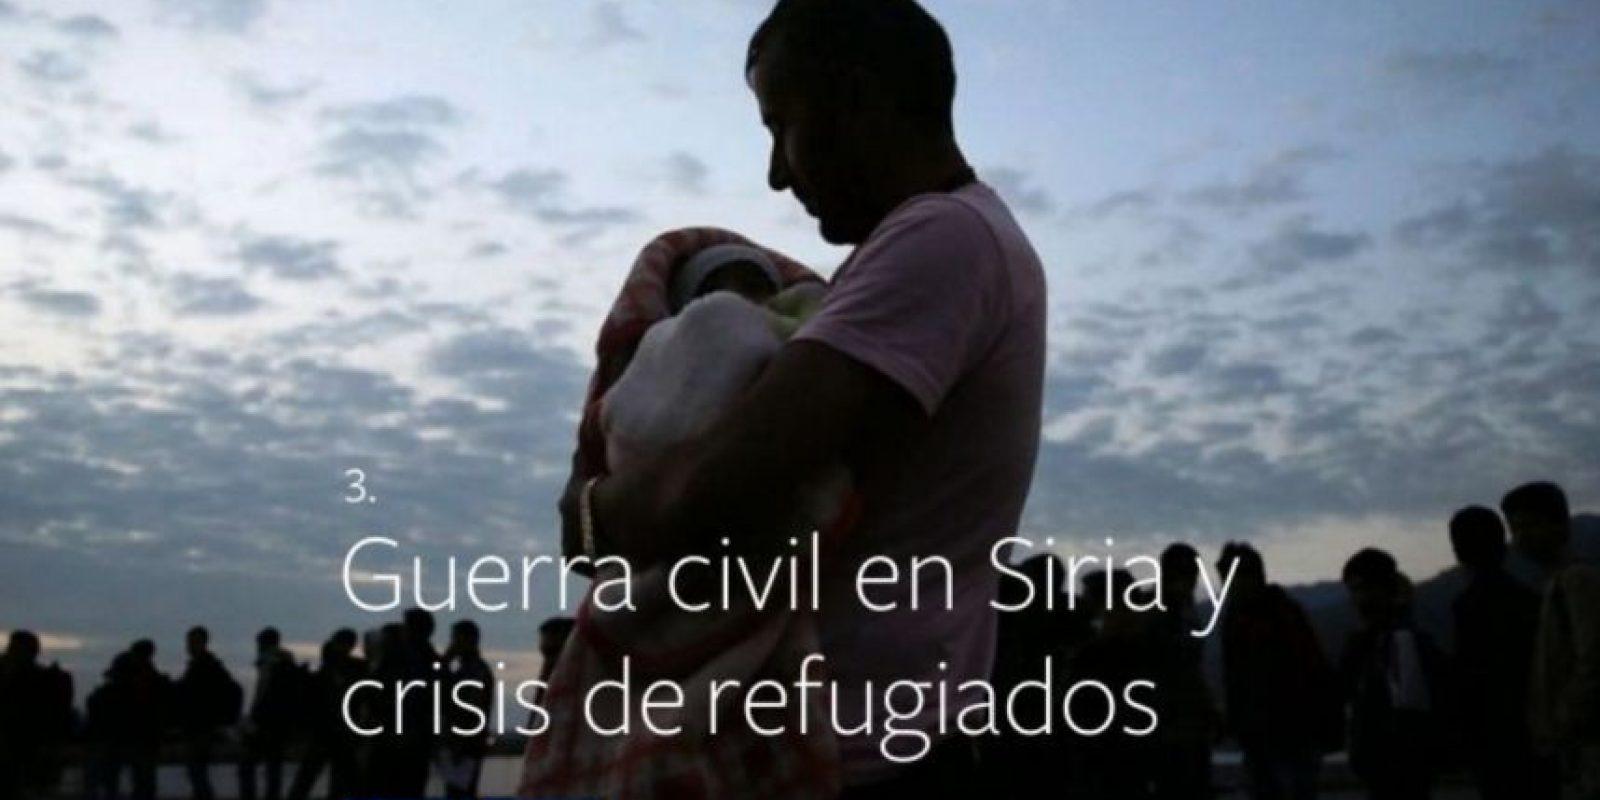 3- Guerra civil en Siria y crisis de refugiados. Foto:vía facebook.com